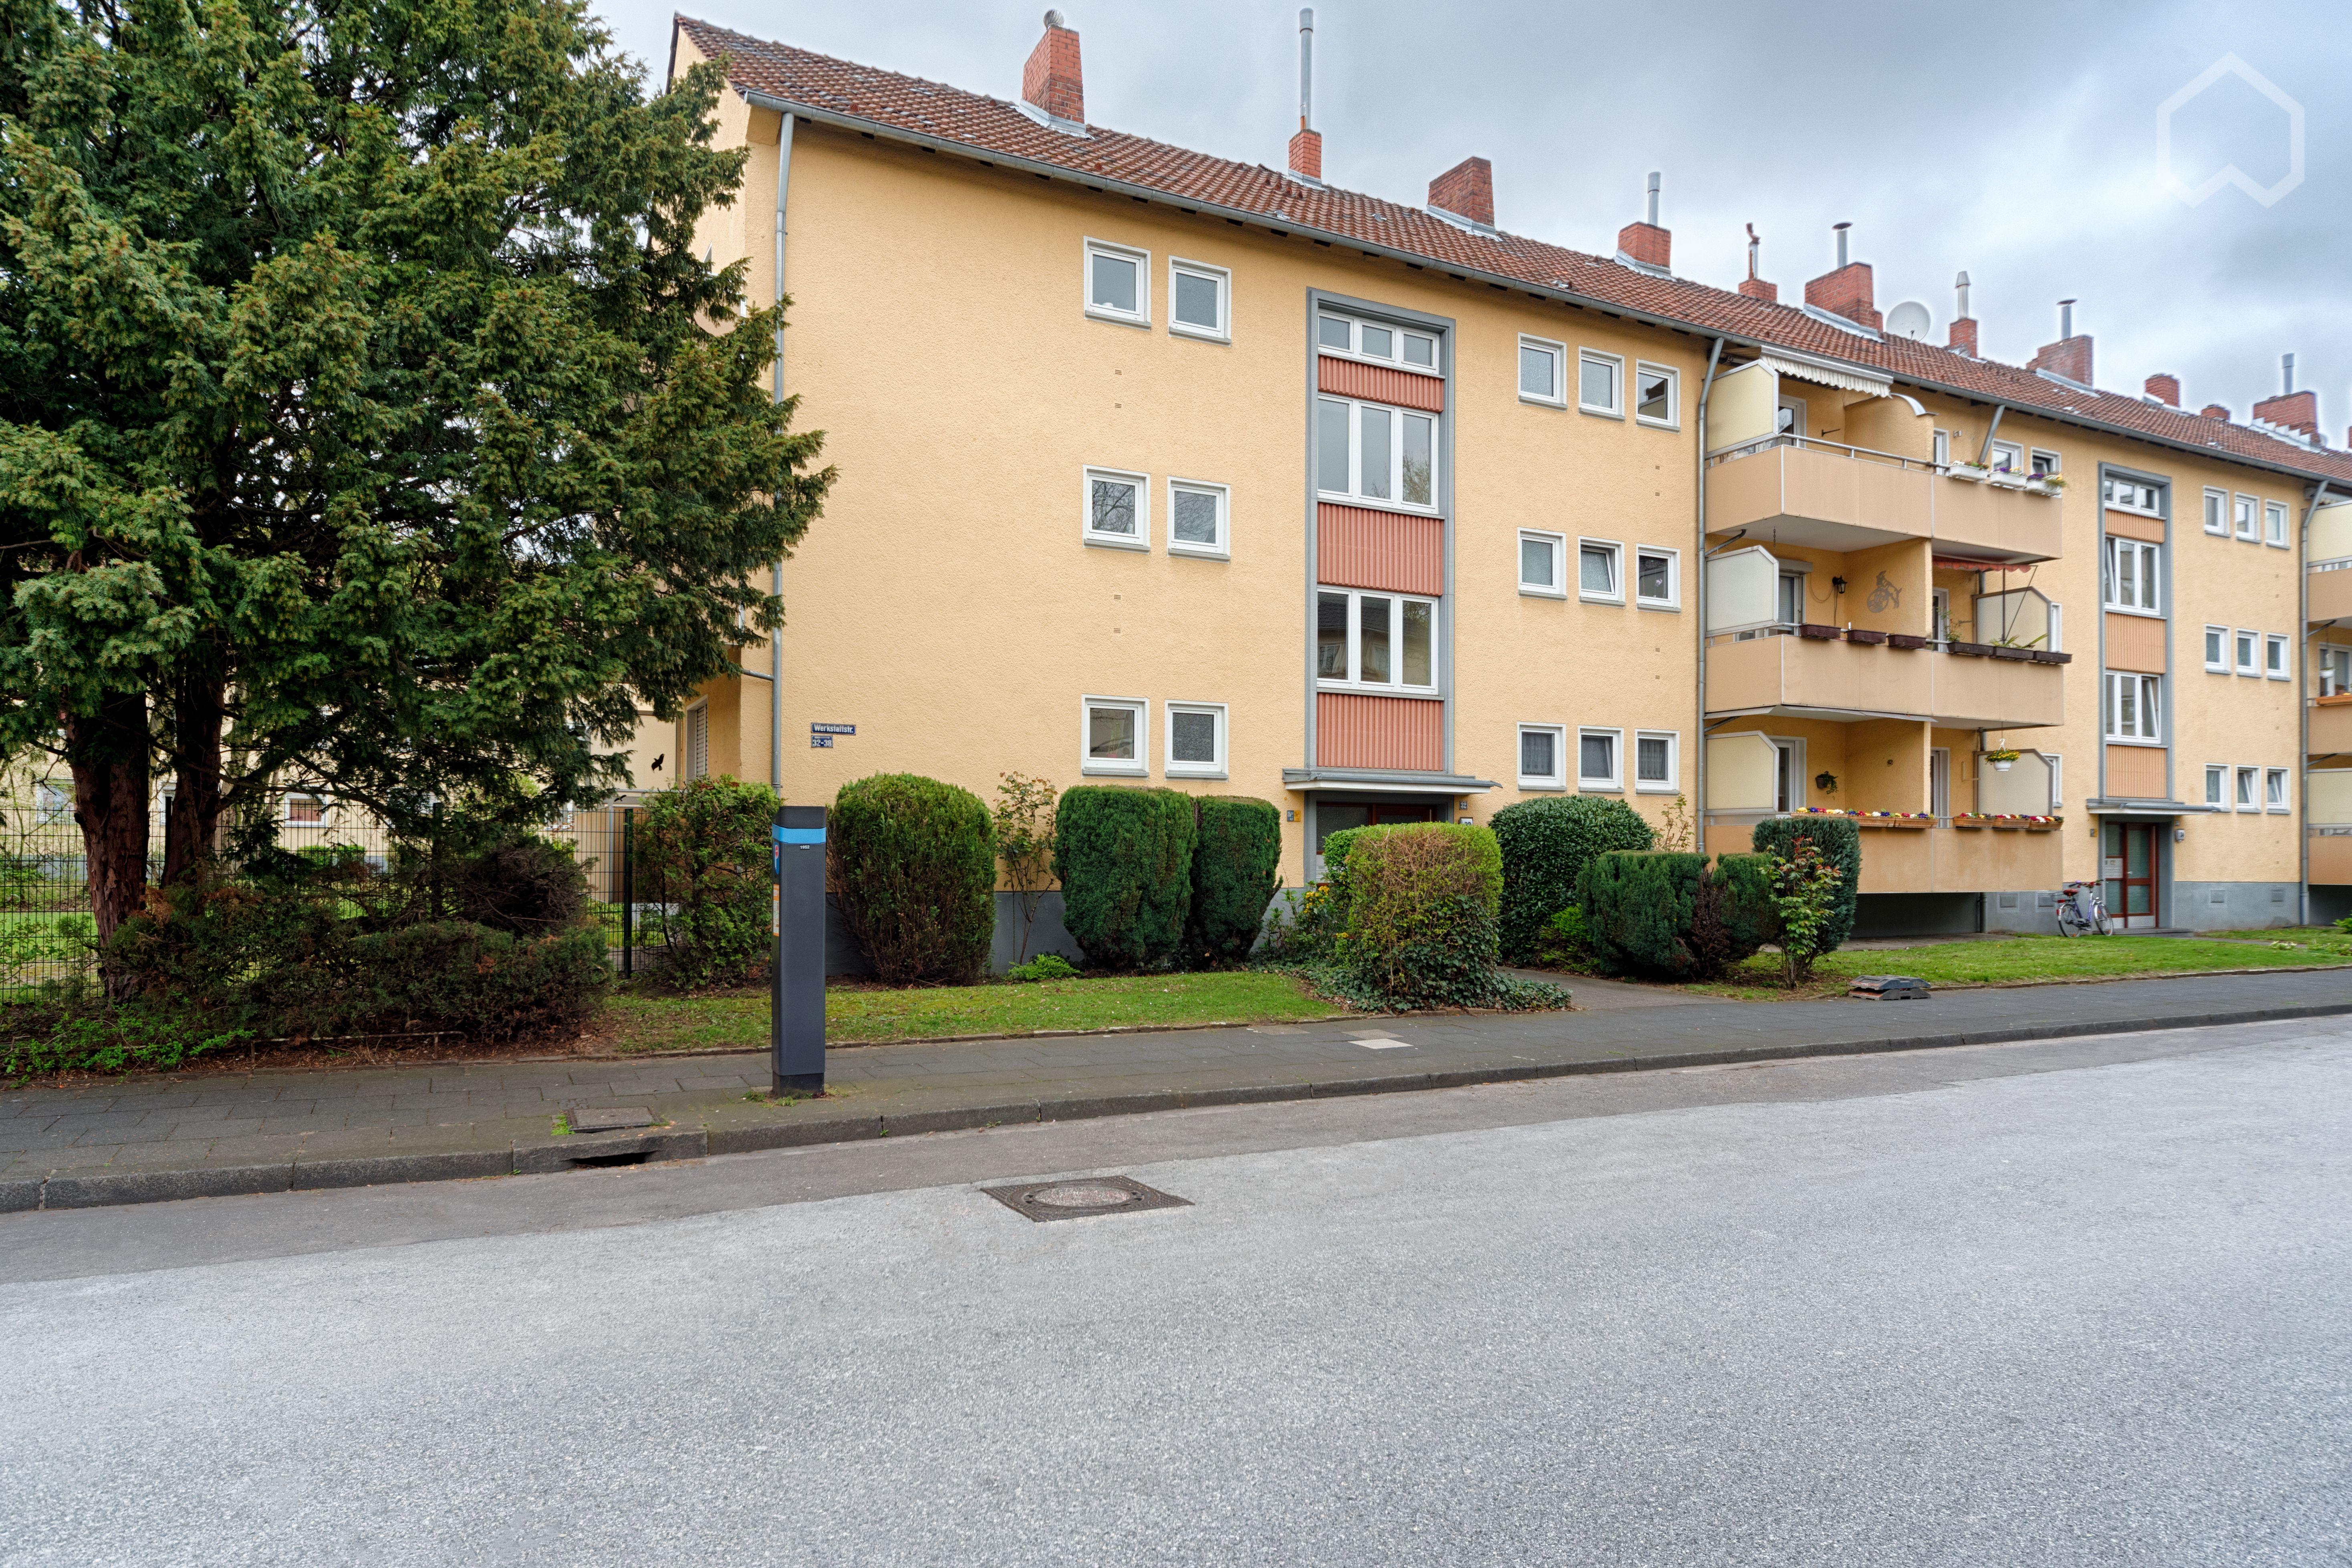 Werkstattstraße